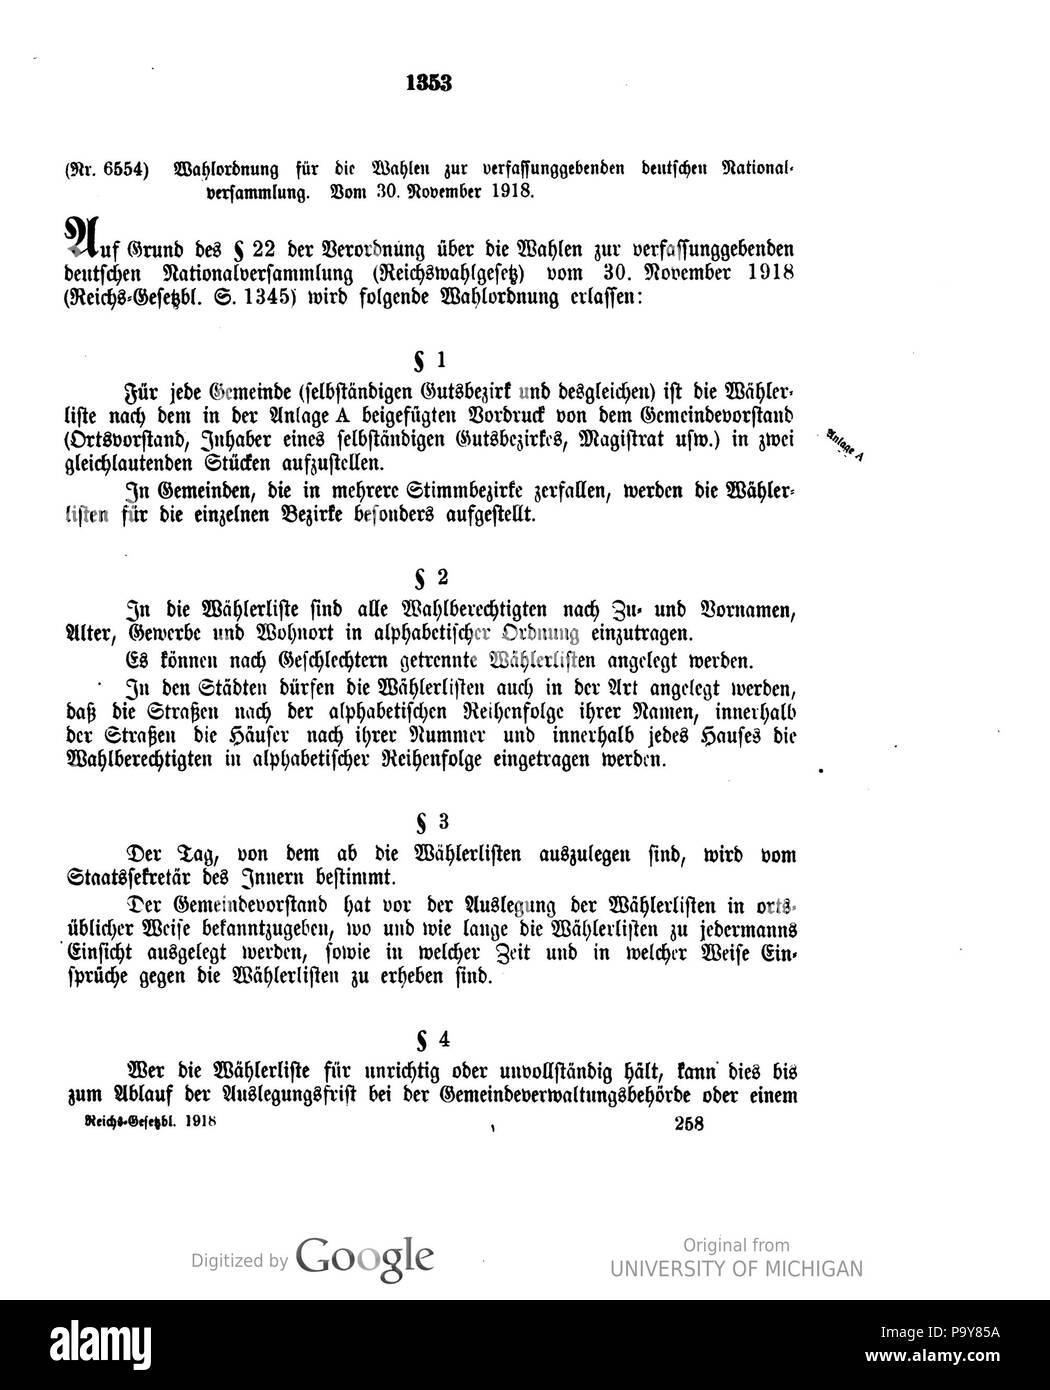 484 Deutsches Reichsgesetzblatt 1918 167 1353 Stock Photo